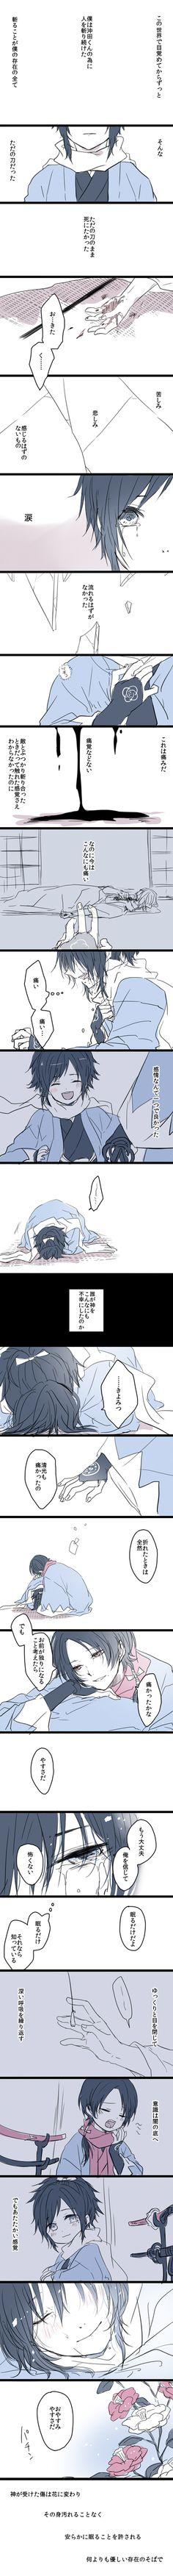 「きよみつくんとやすさだくん5」/「夜」の漫画 [pixiv]